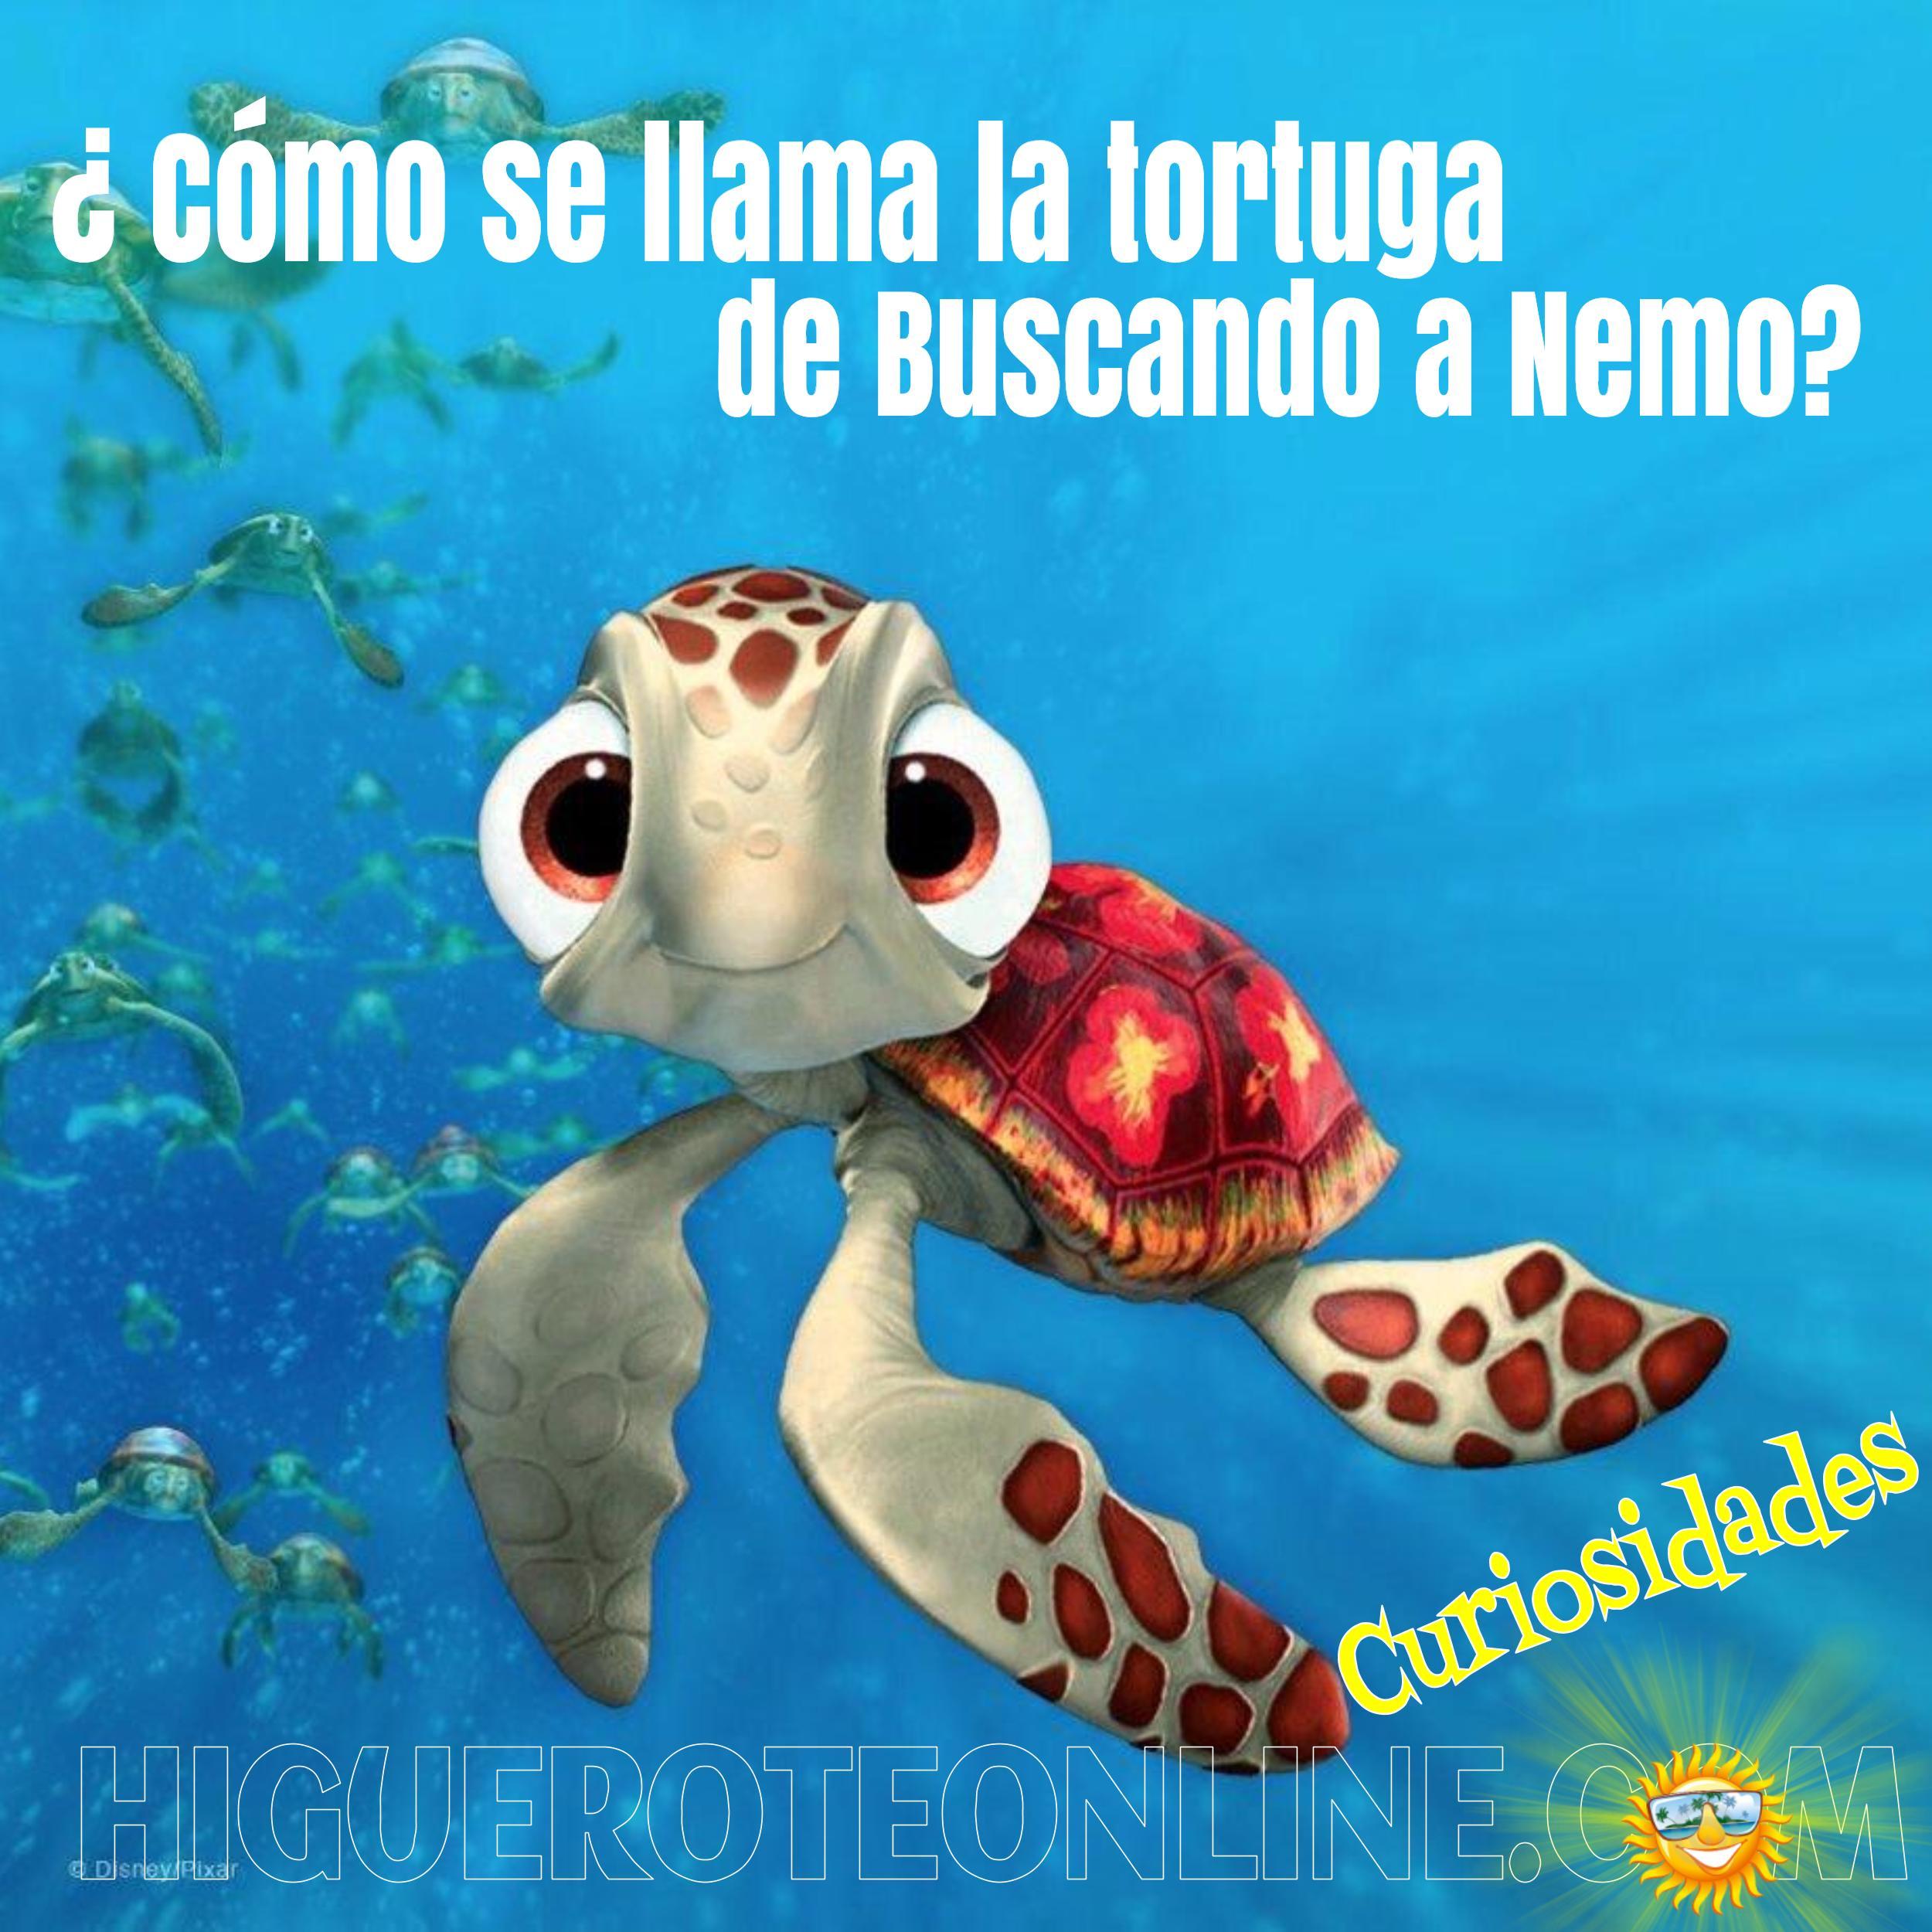 Como se llama la tortuga de Buscando a Nemo